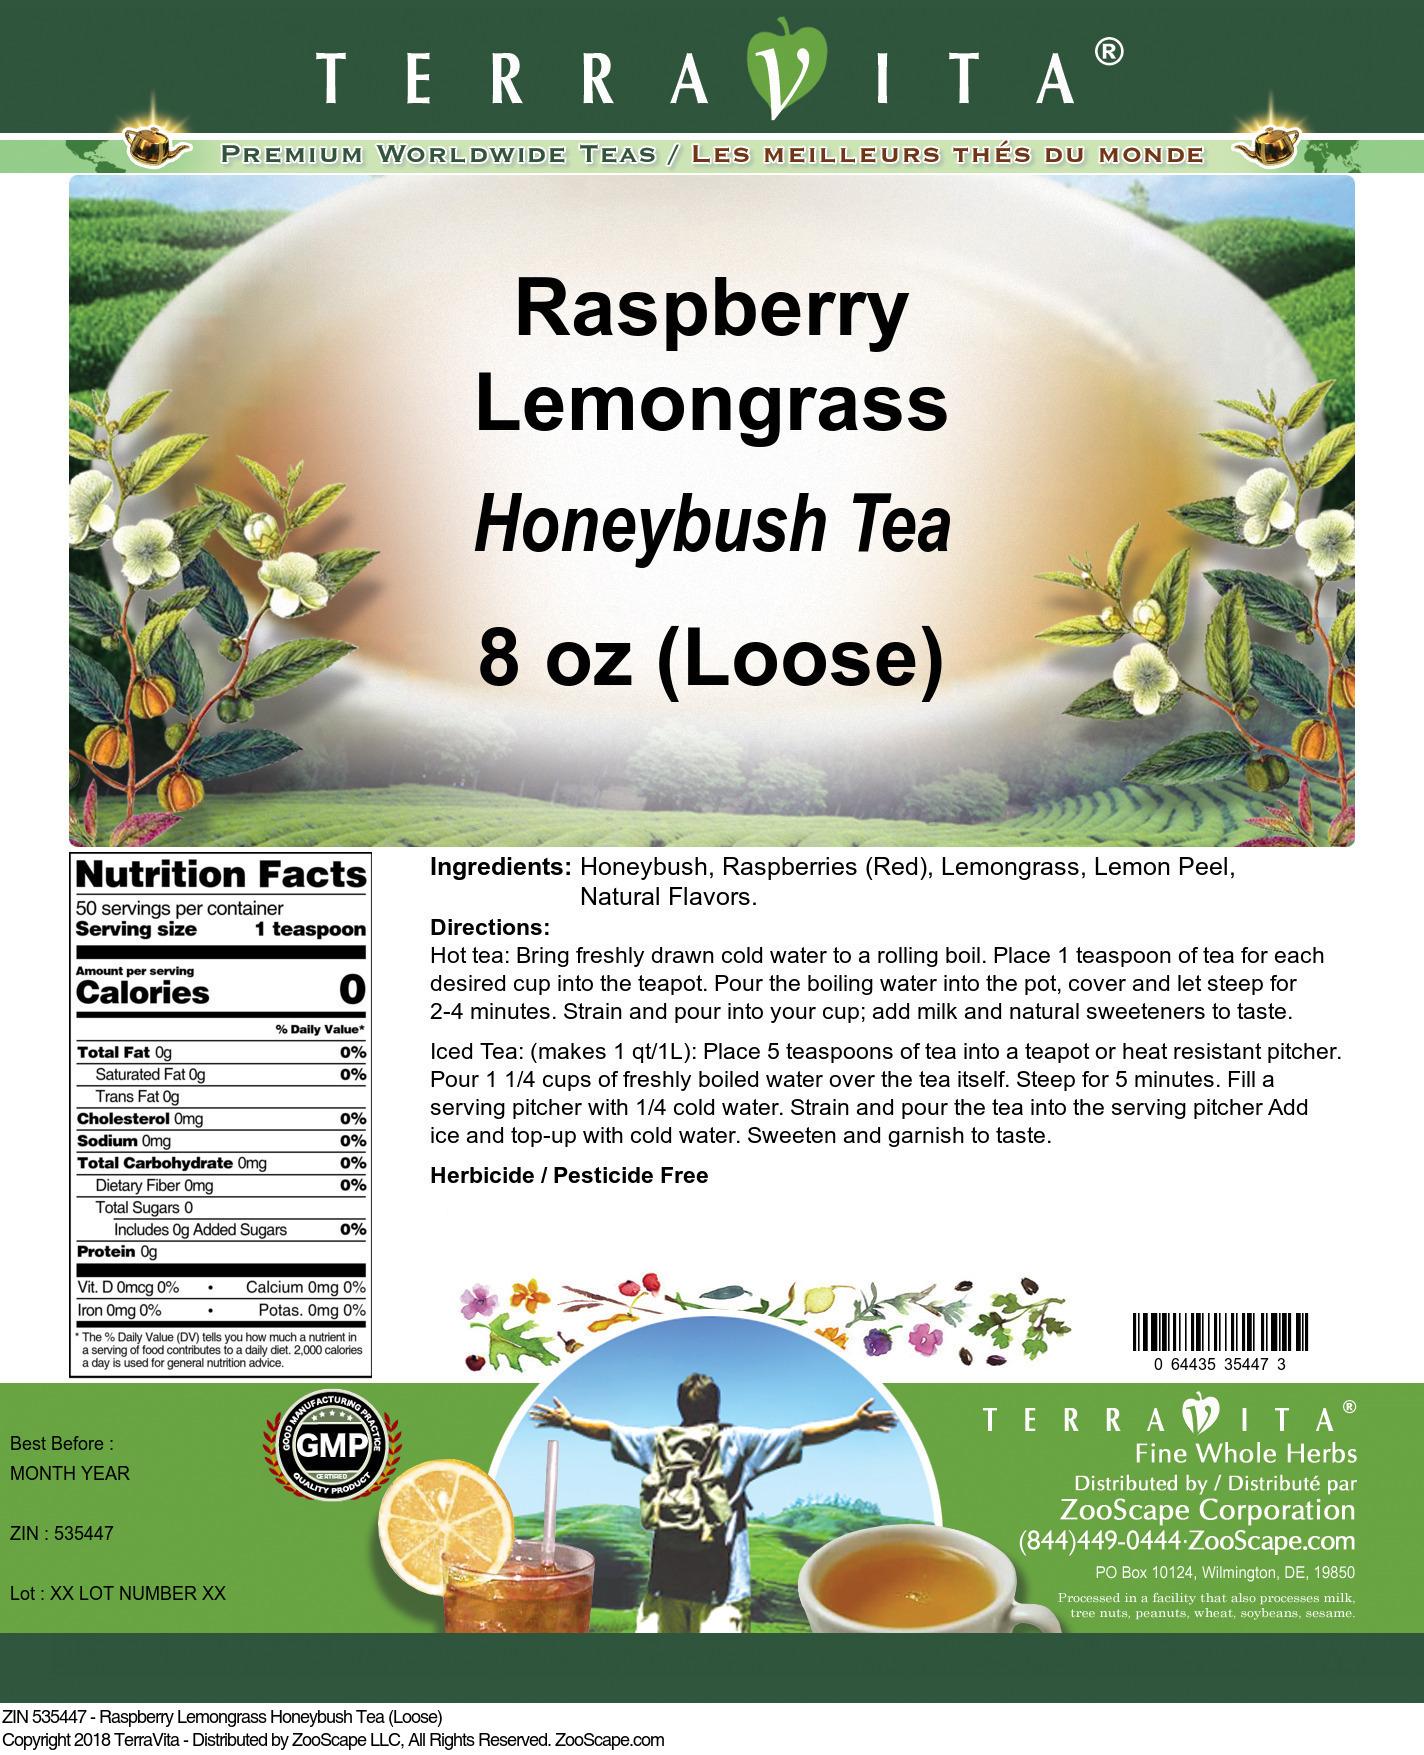 Raspberry Lemongrass Honeybush Tea